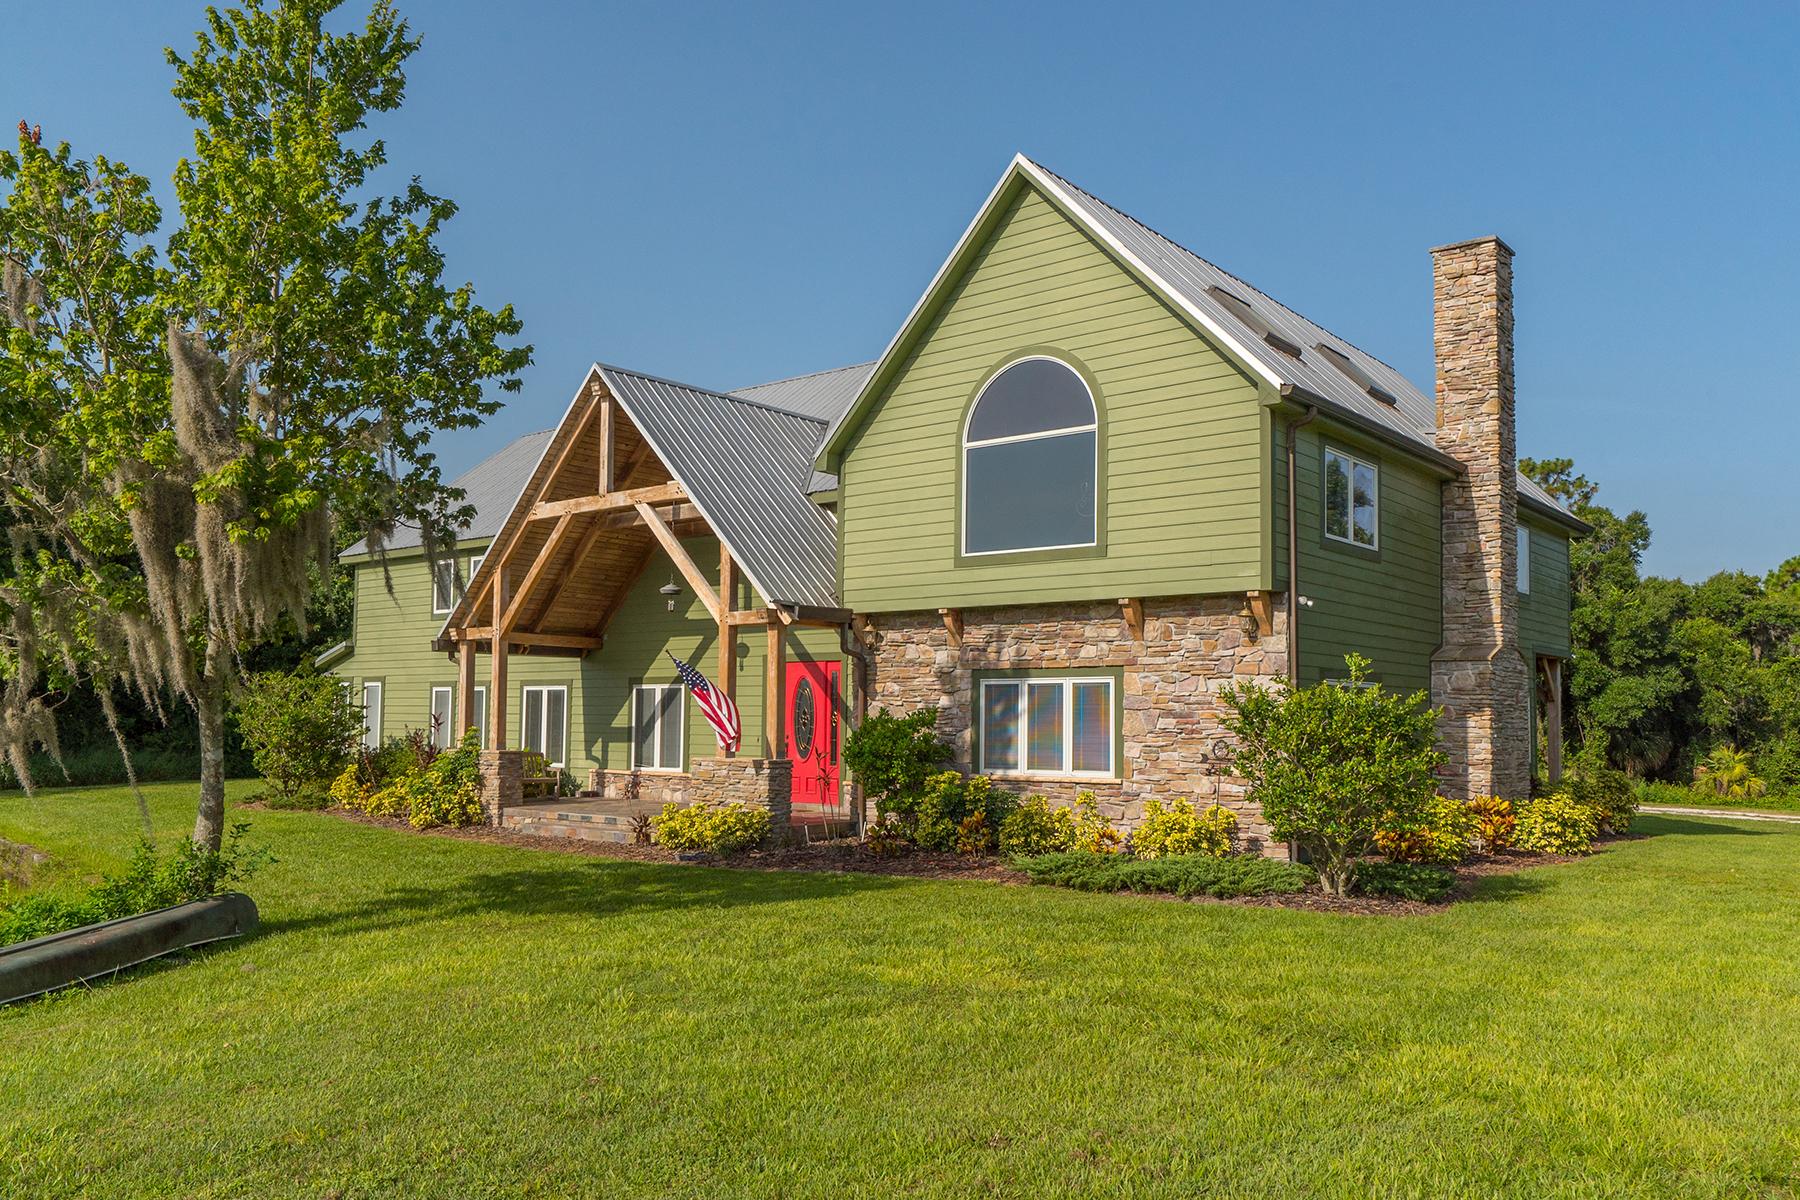 Maison unifamiliale pour l Vente à PARRISH 16857 Rosedown Parrish, Florida 34219 États-Unis